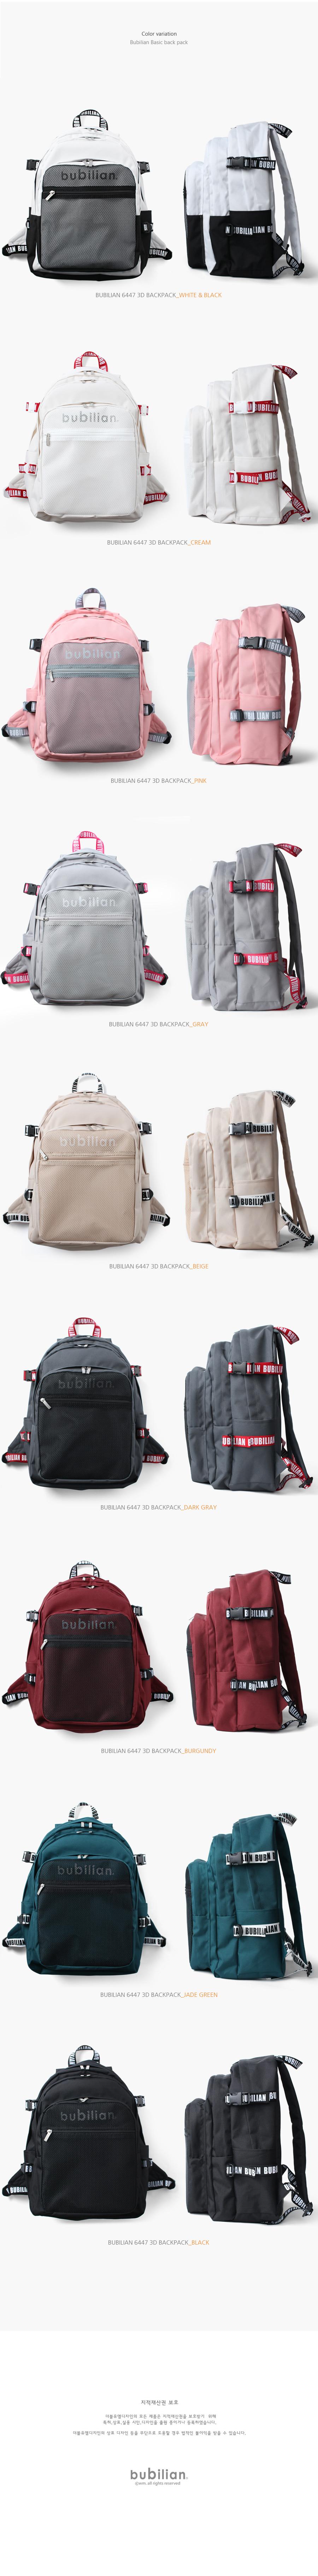 [키홀더 포함] bubilian 6447 3D backpack_gray